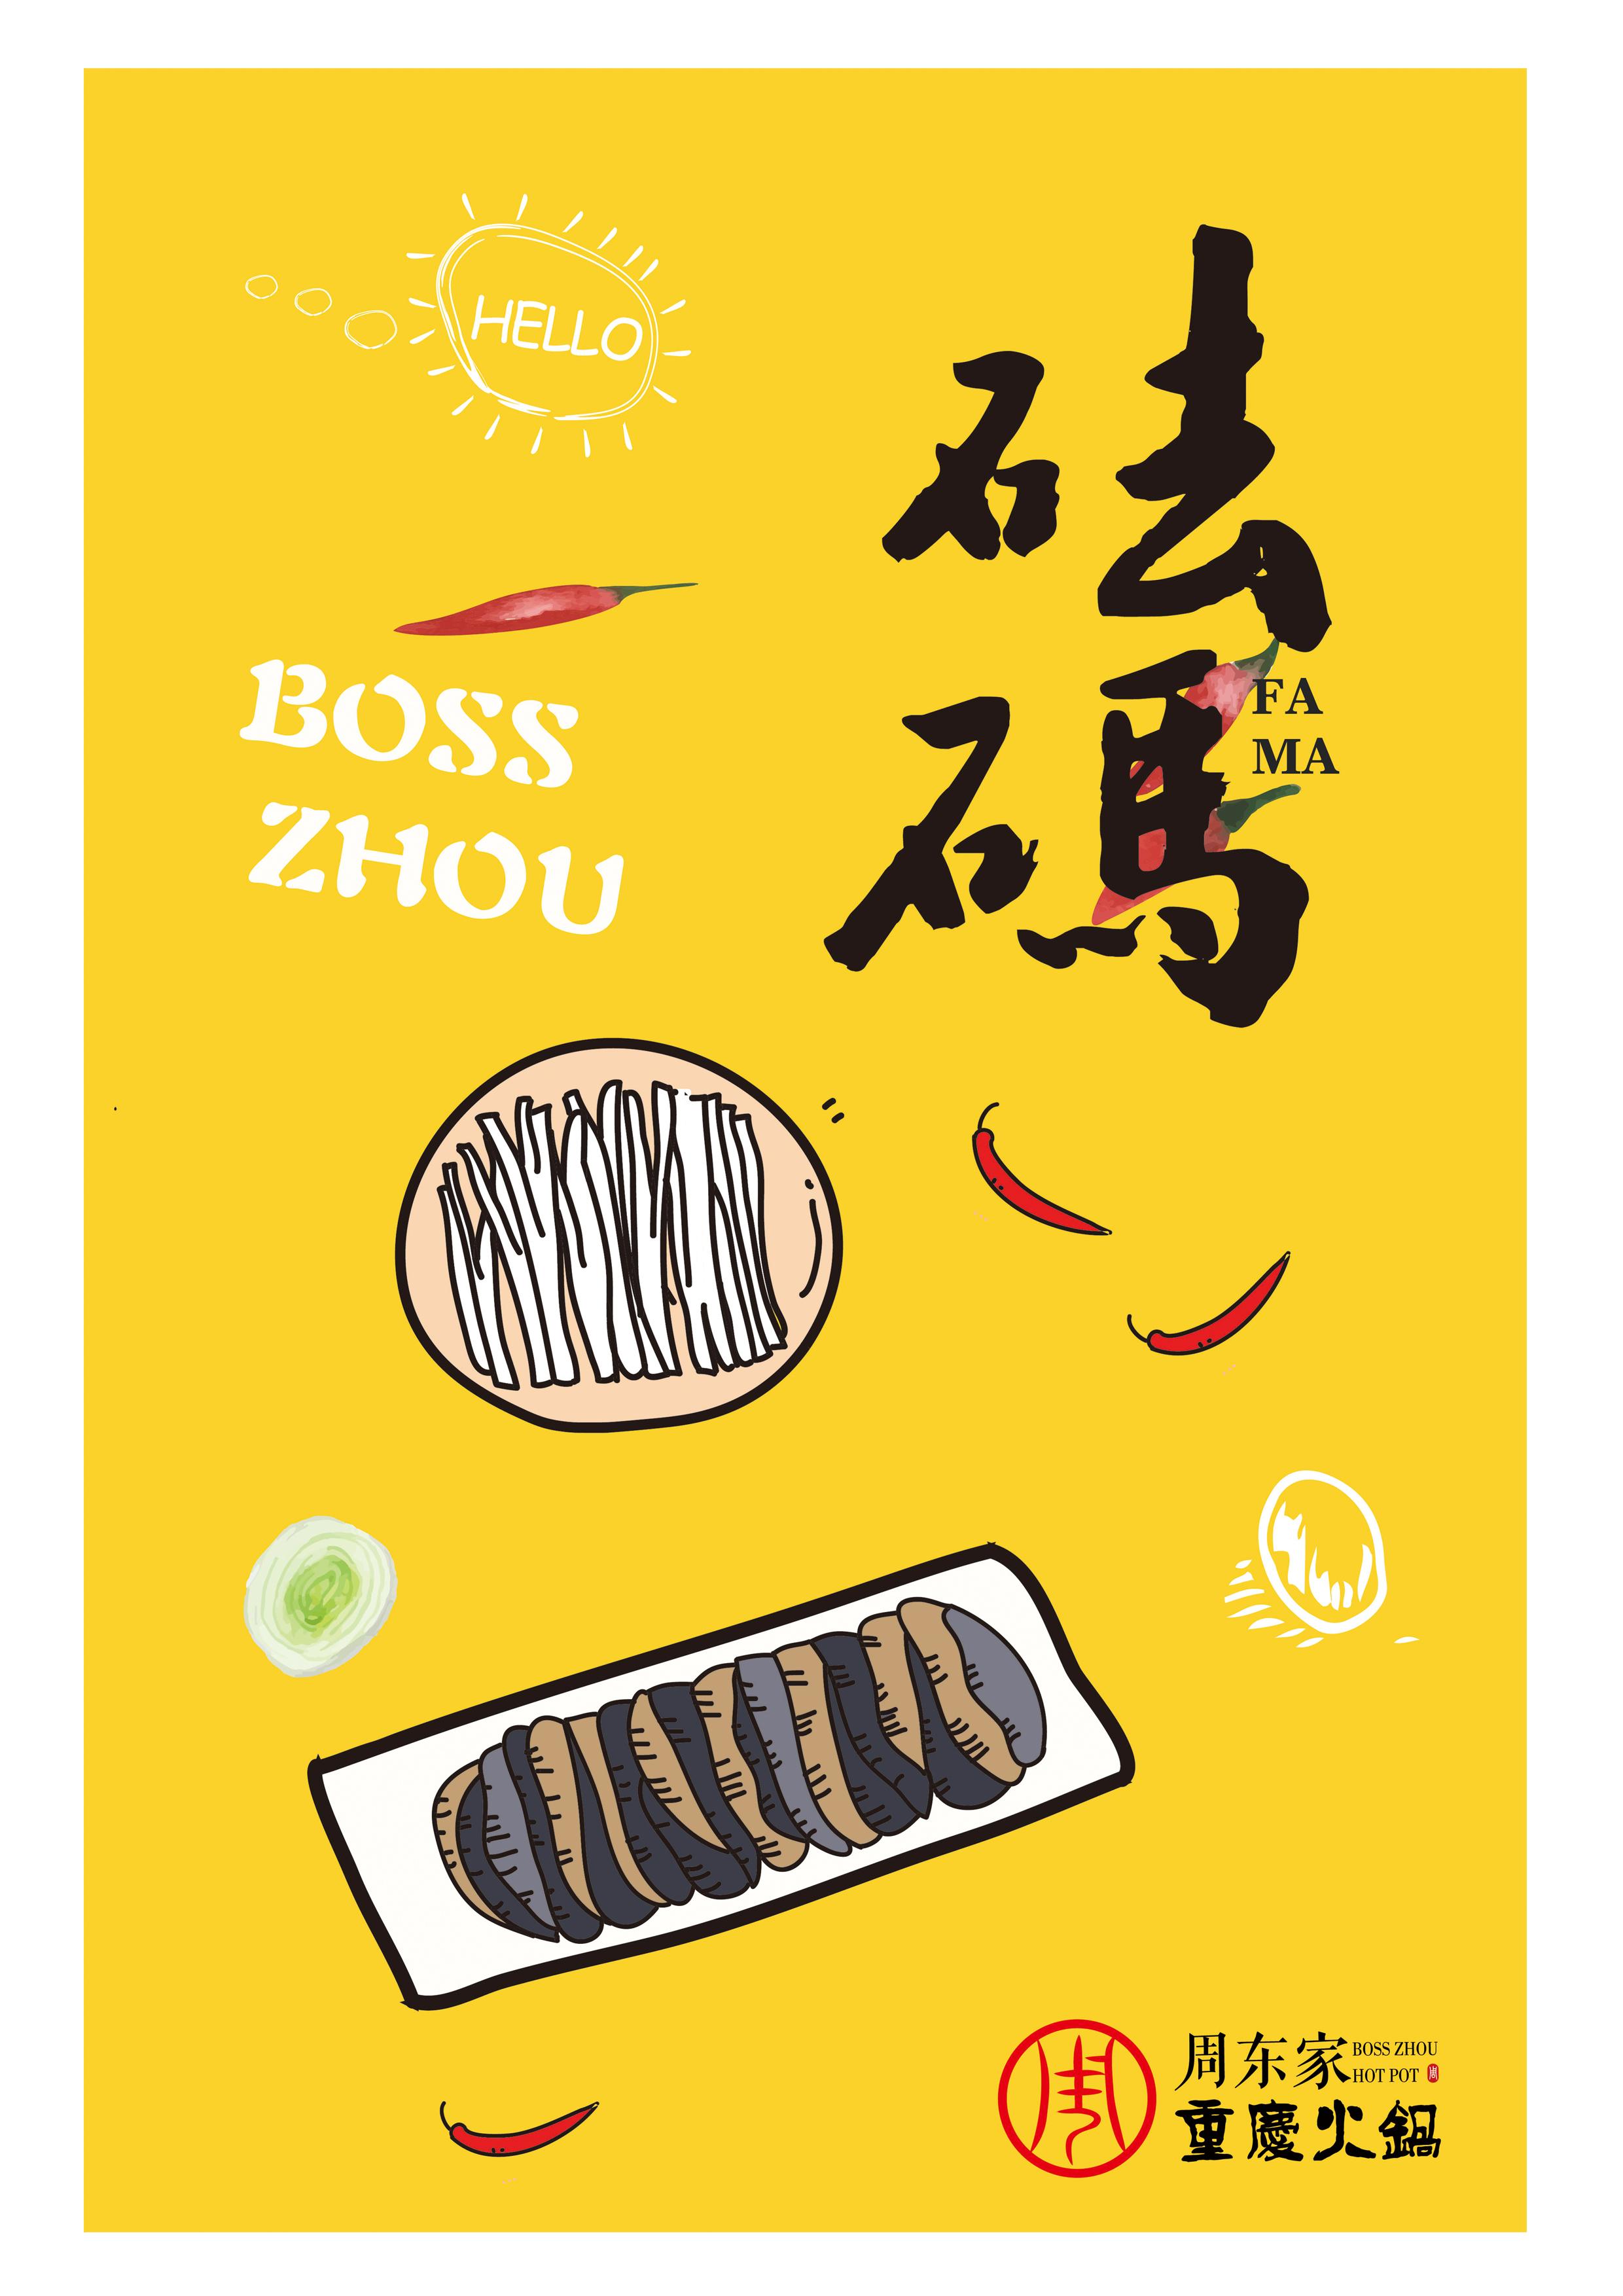 火锅店海报--兰州方言